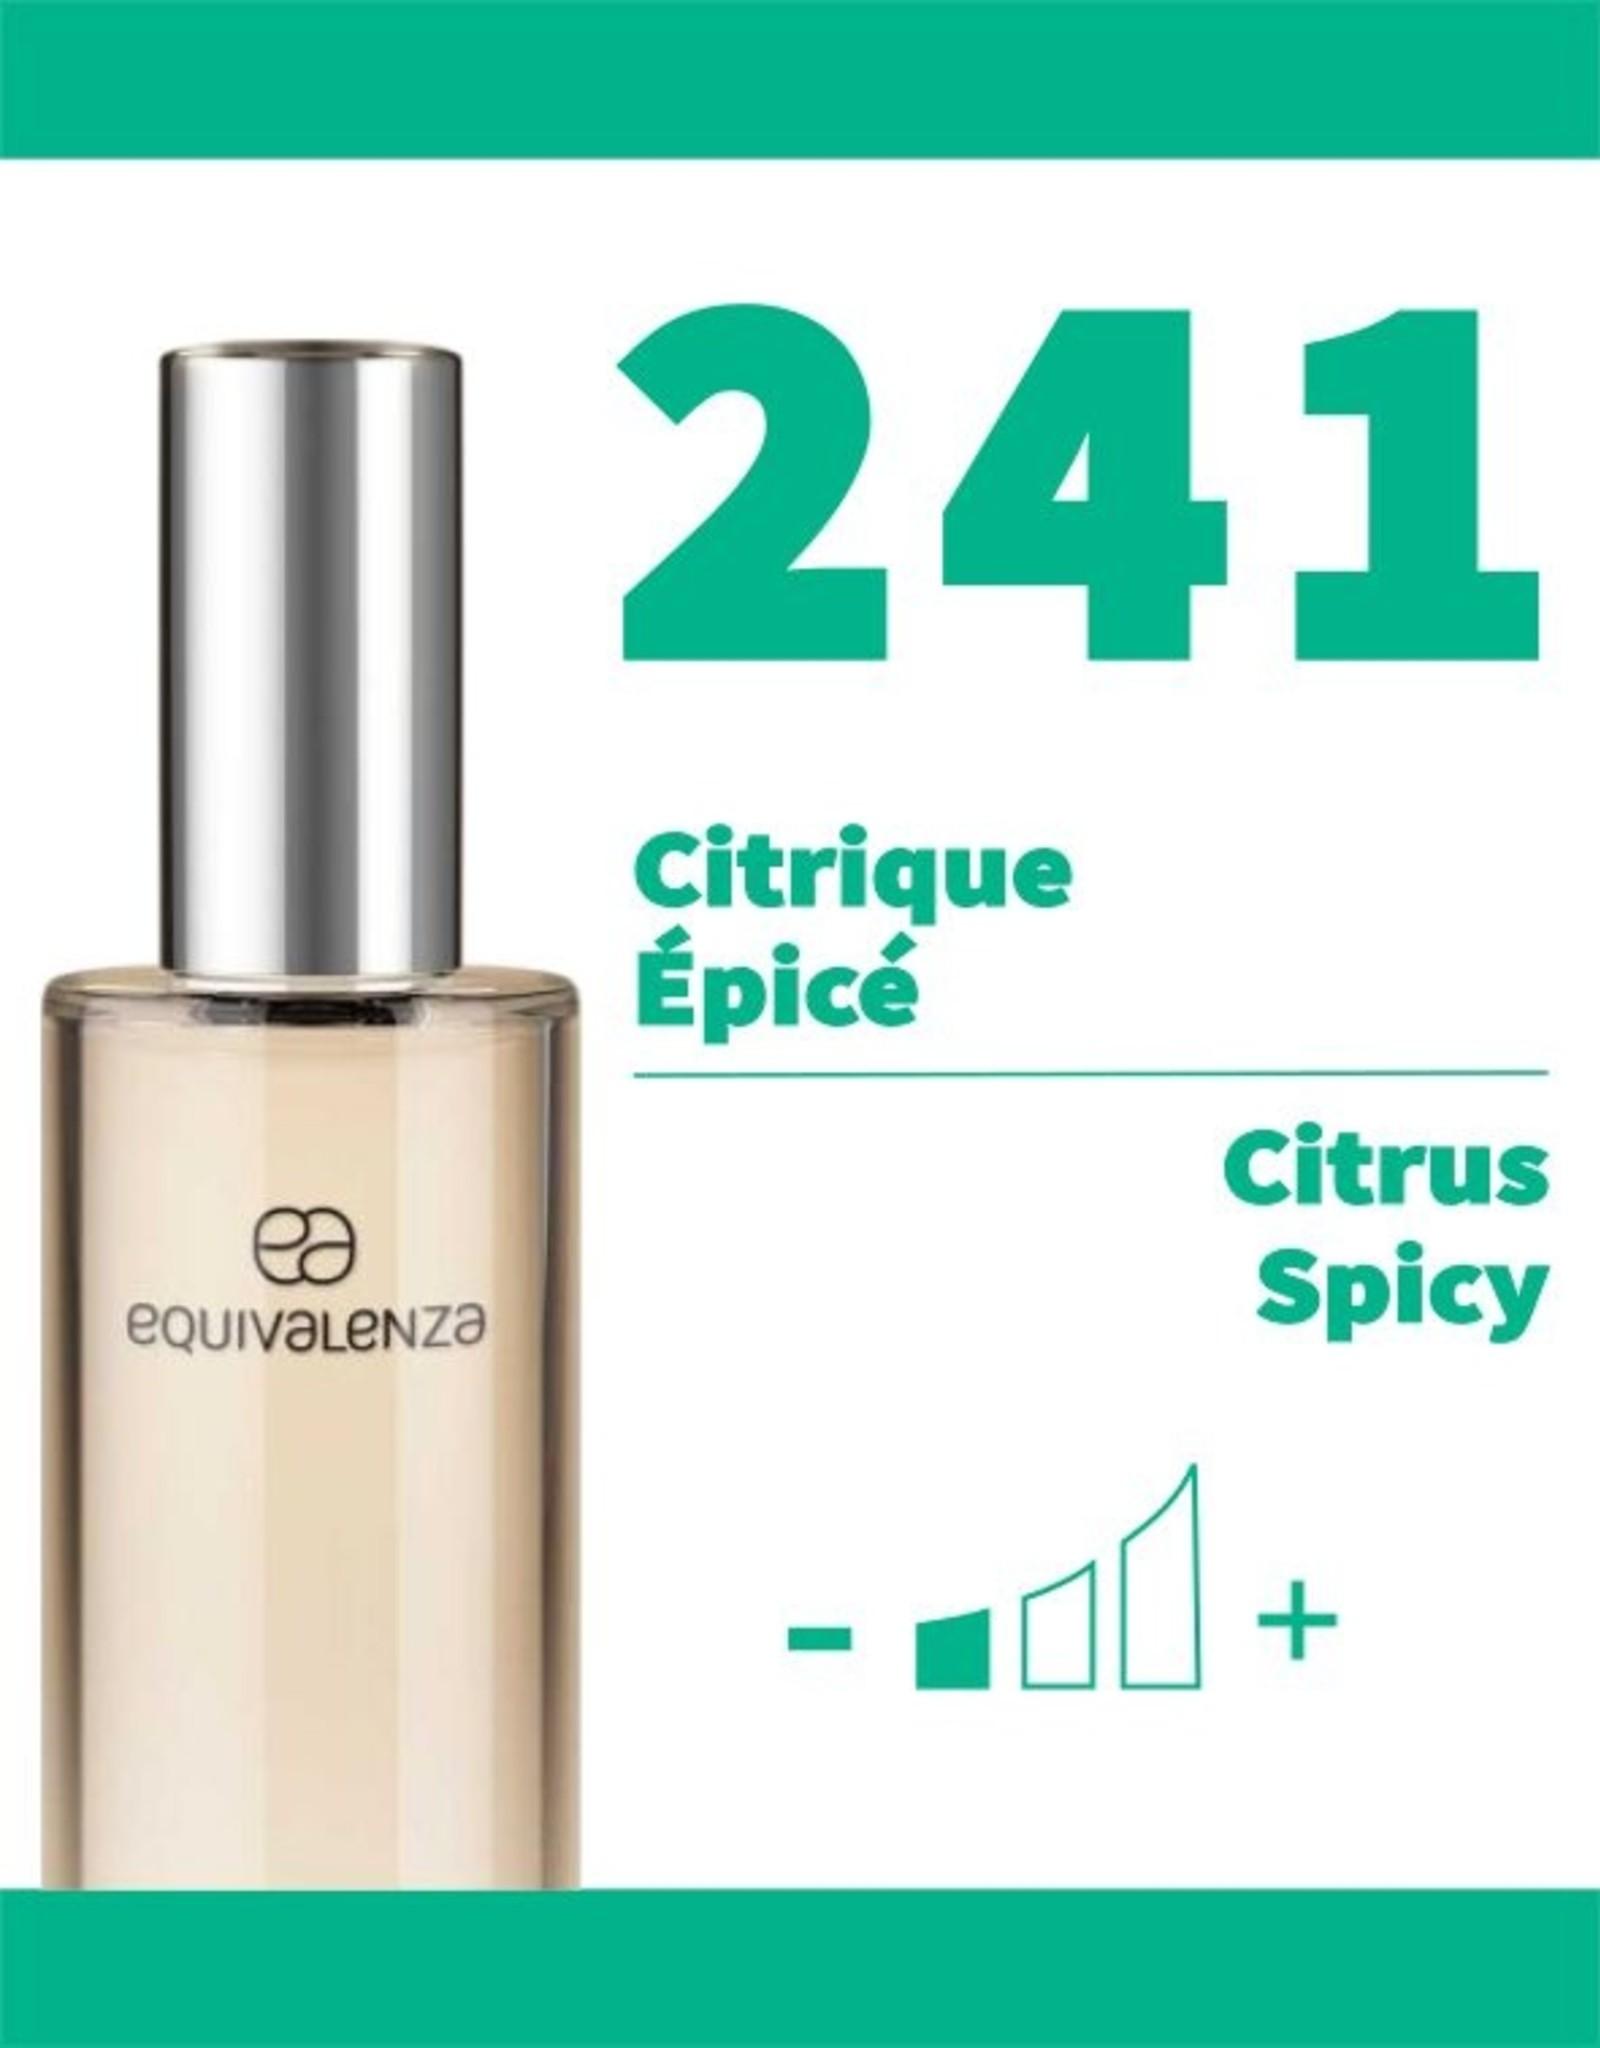 Equivalenza Eau de Toilette Citrus Spicy 241 Urban Sport